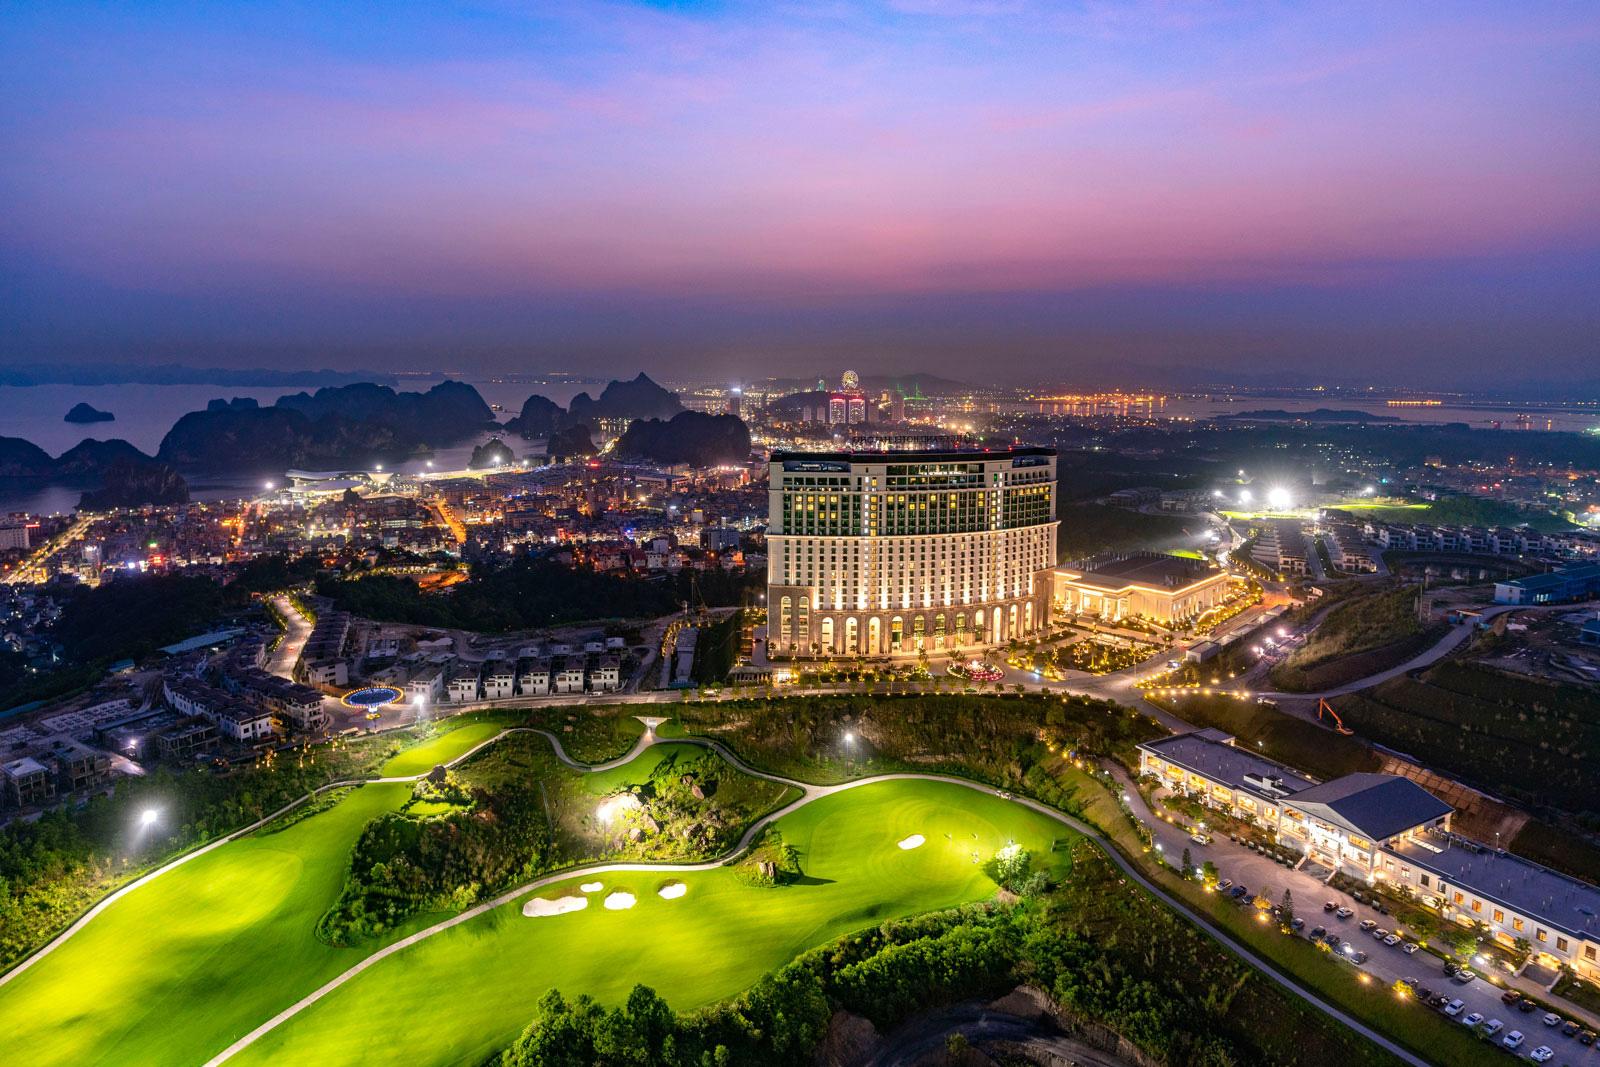 Không gian tiệc cưới như cổ tích tại FLC Hạ Long- Khách sạn Hội nghị hàng đầu châu Á - Ảnh 7.